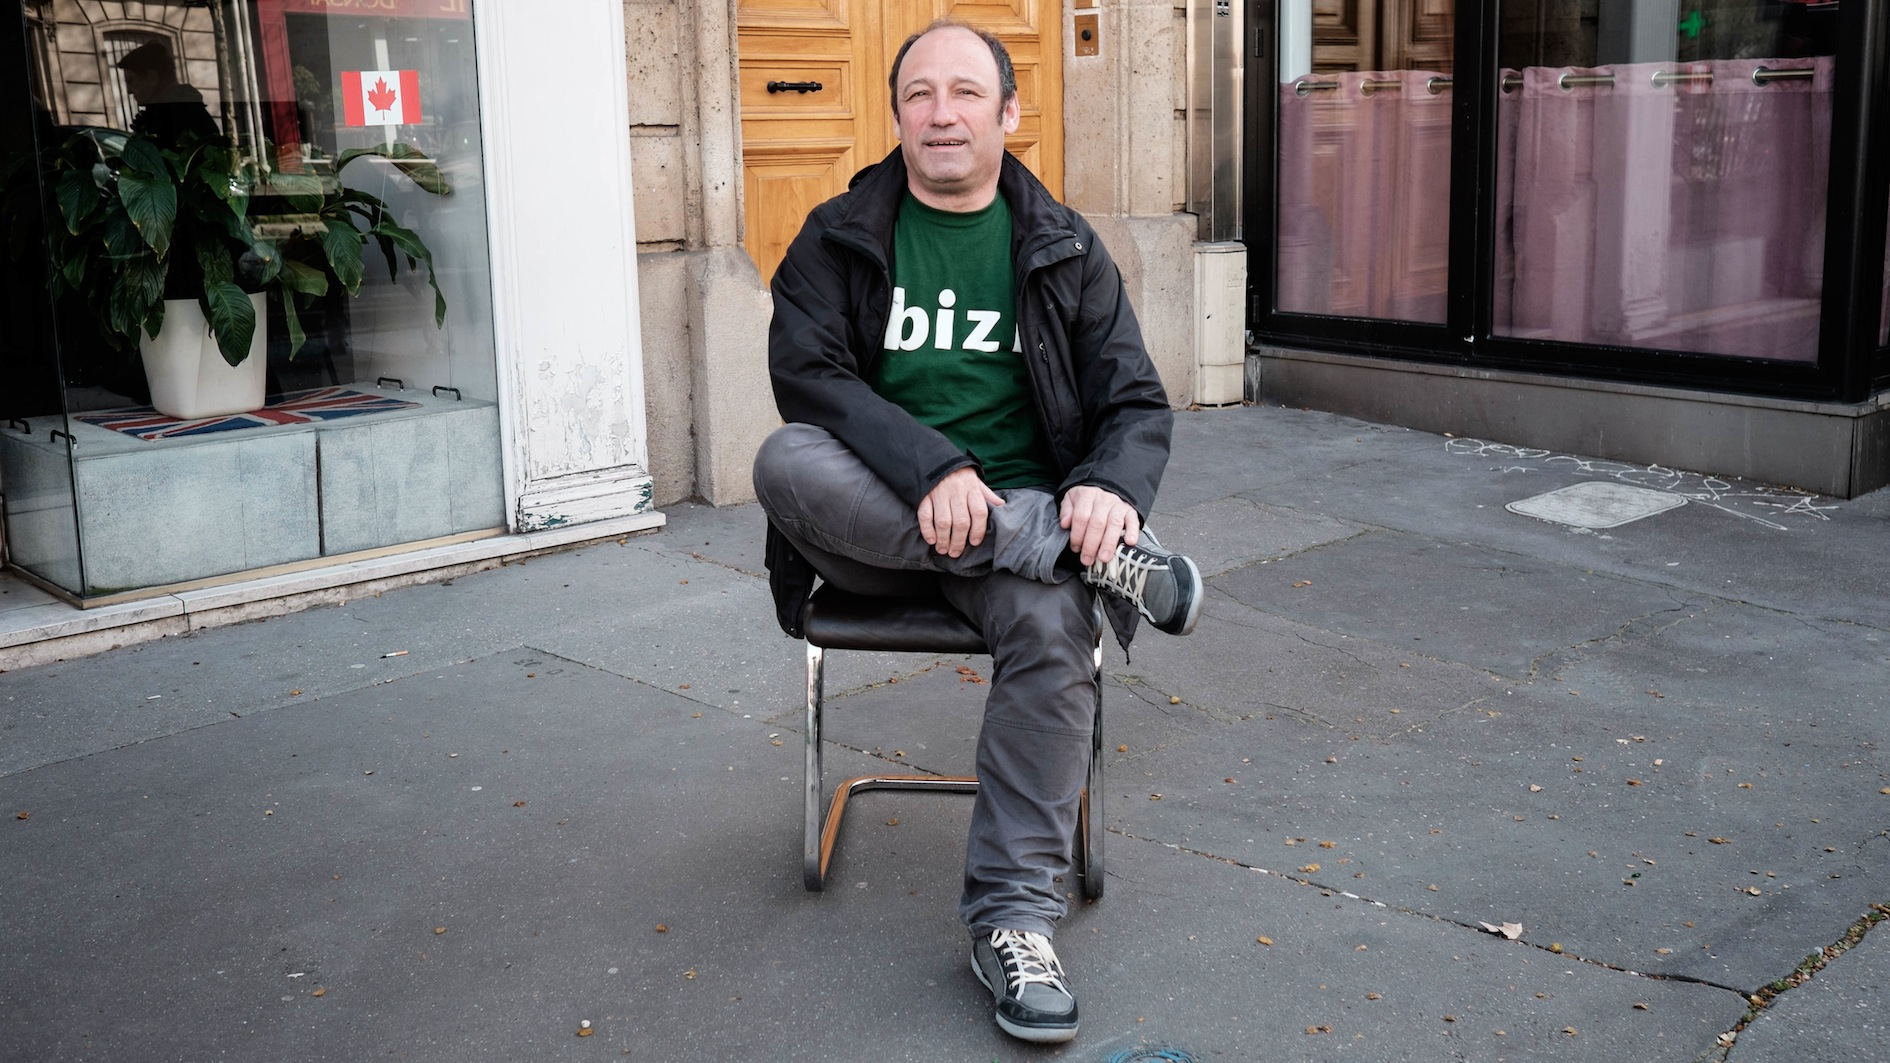 Edgar morin a vol une chaise de 500 millions d euros for Chaise qui vole